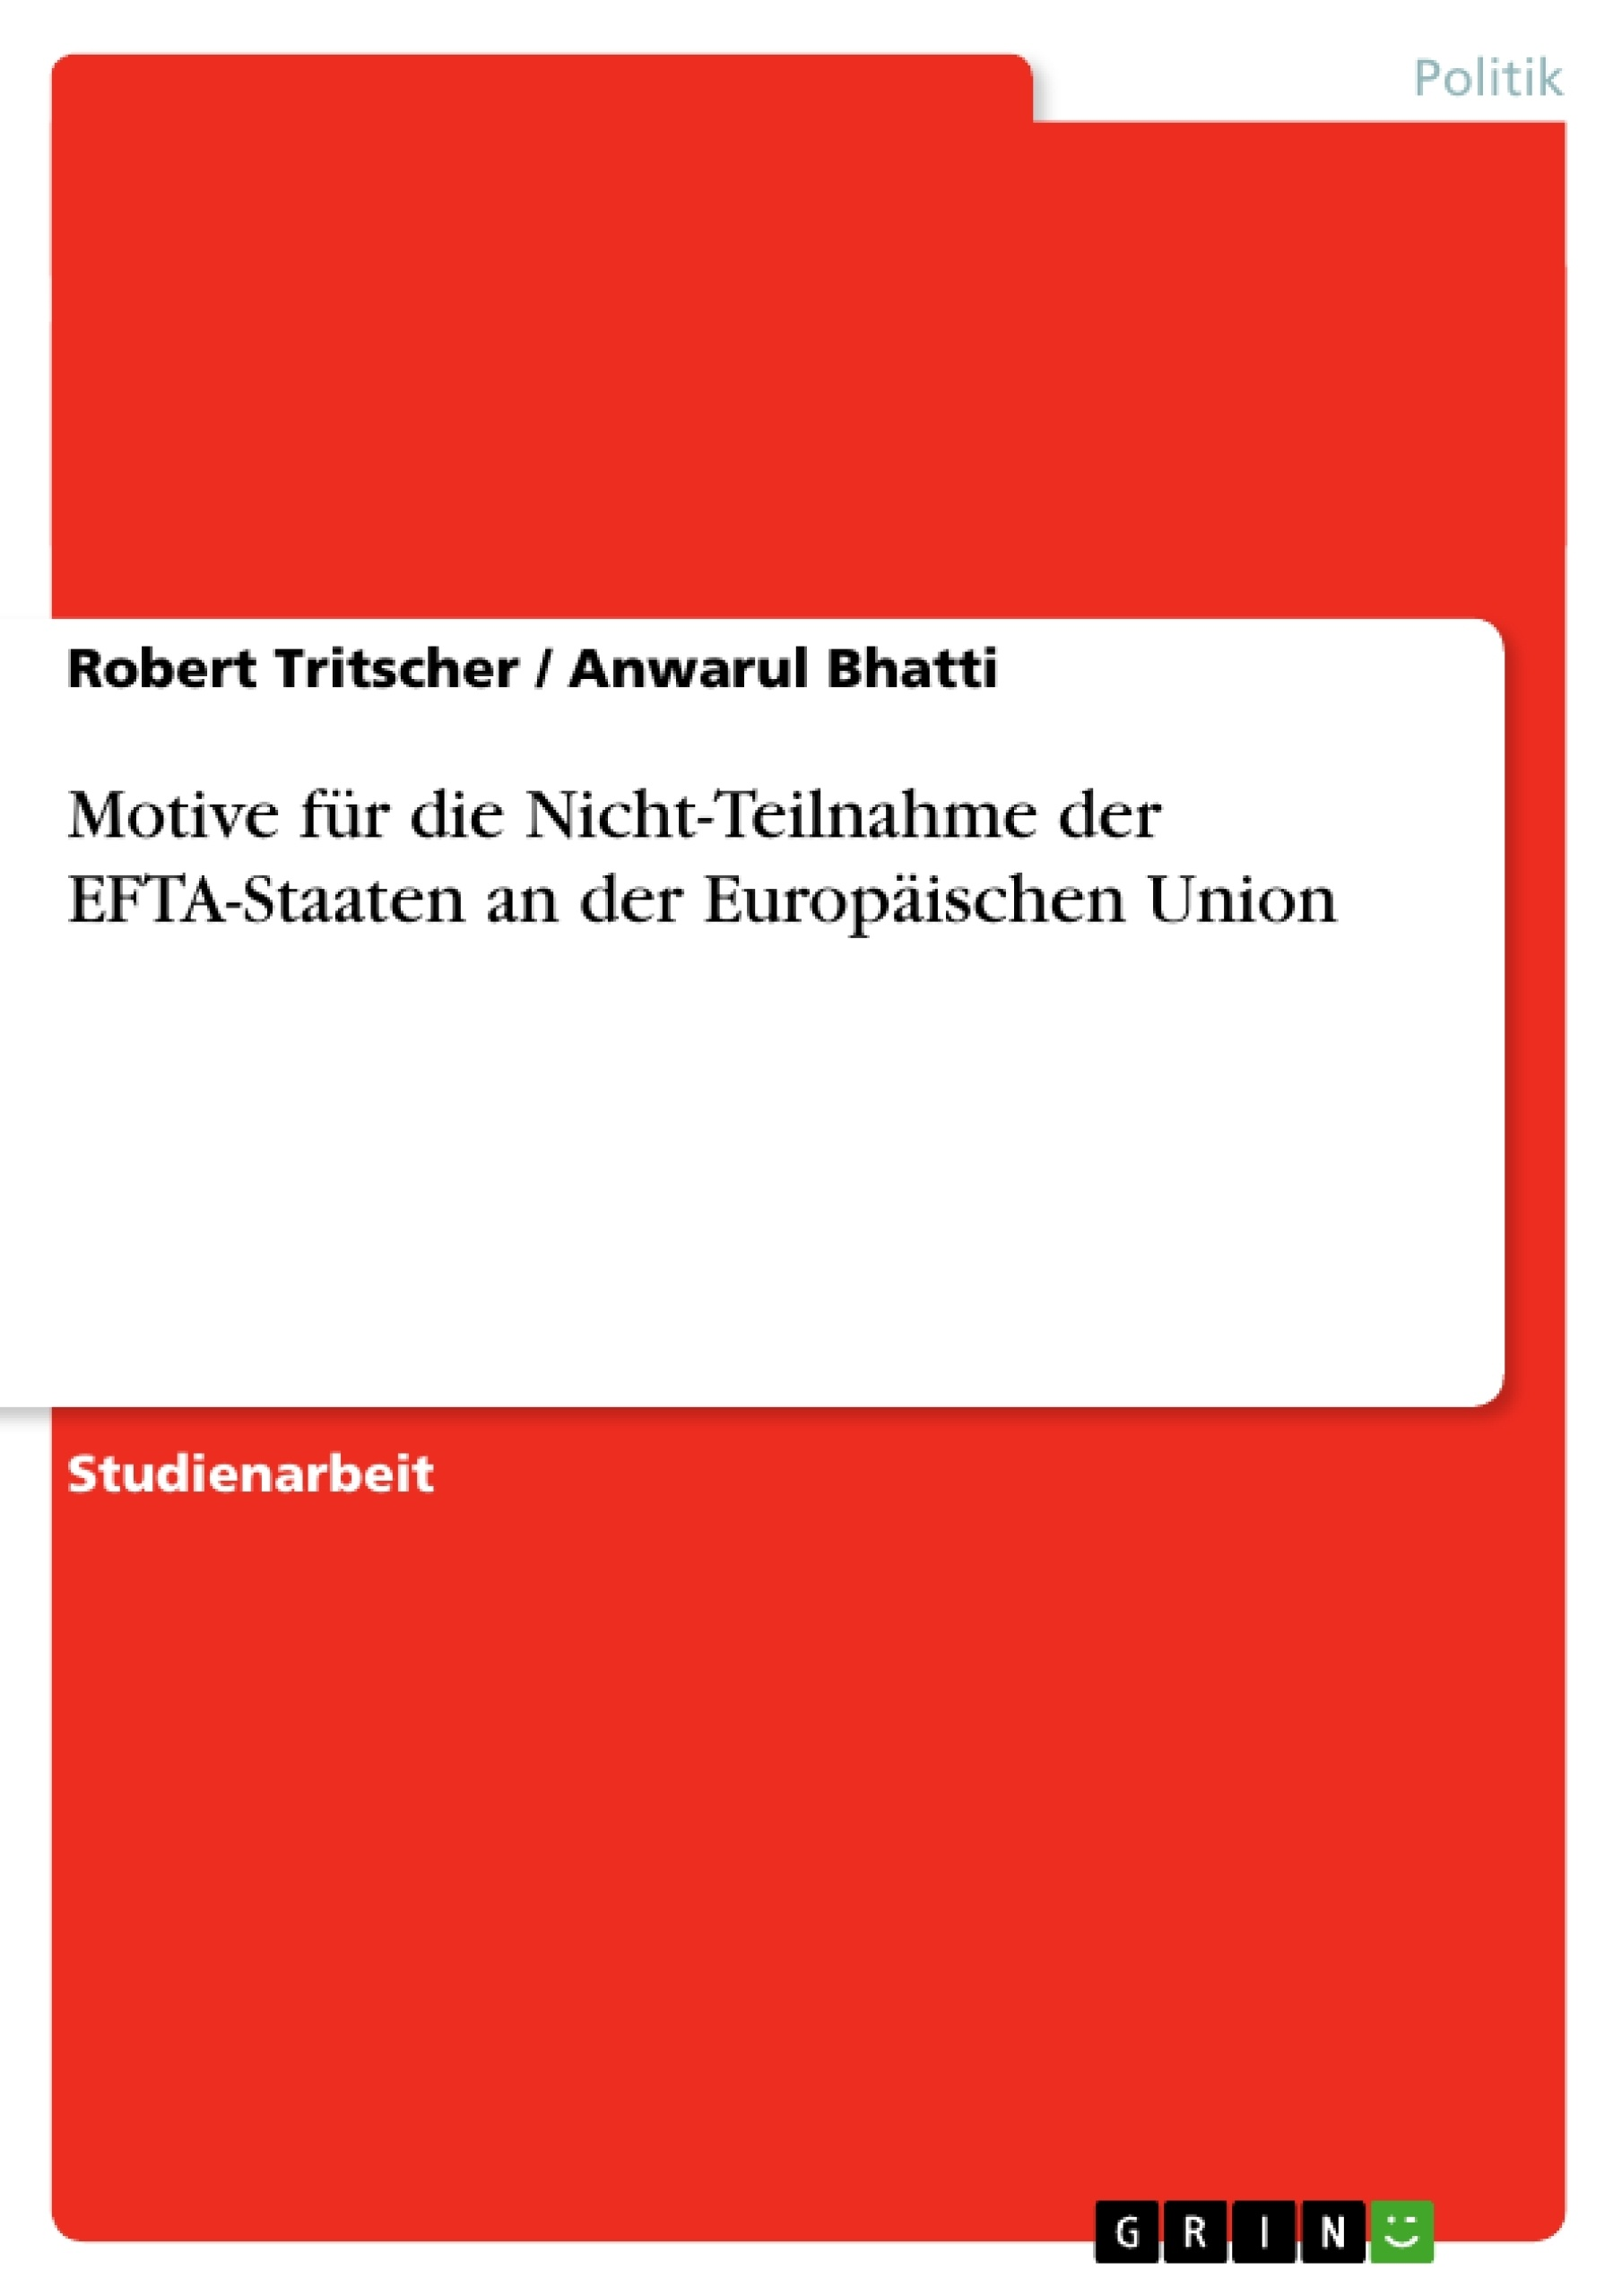 Titel: Motive für die Nicht-Teilnahme der EFTA-Staaten an der Europäischen Union